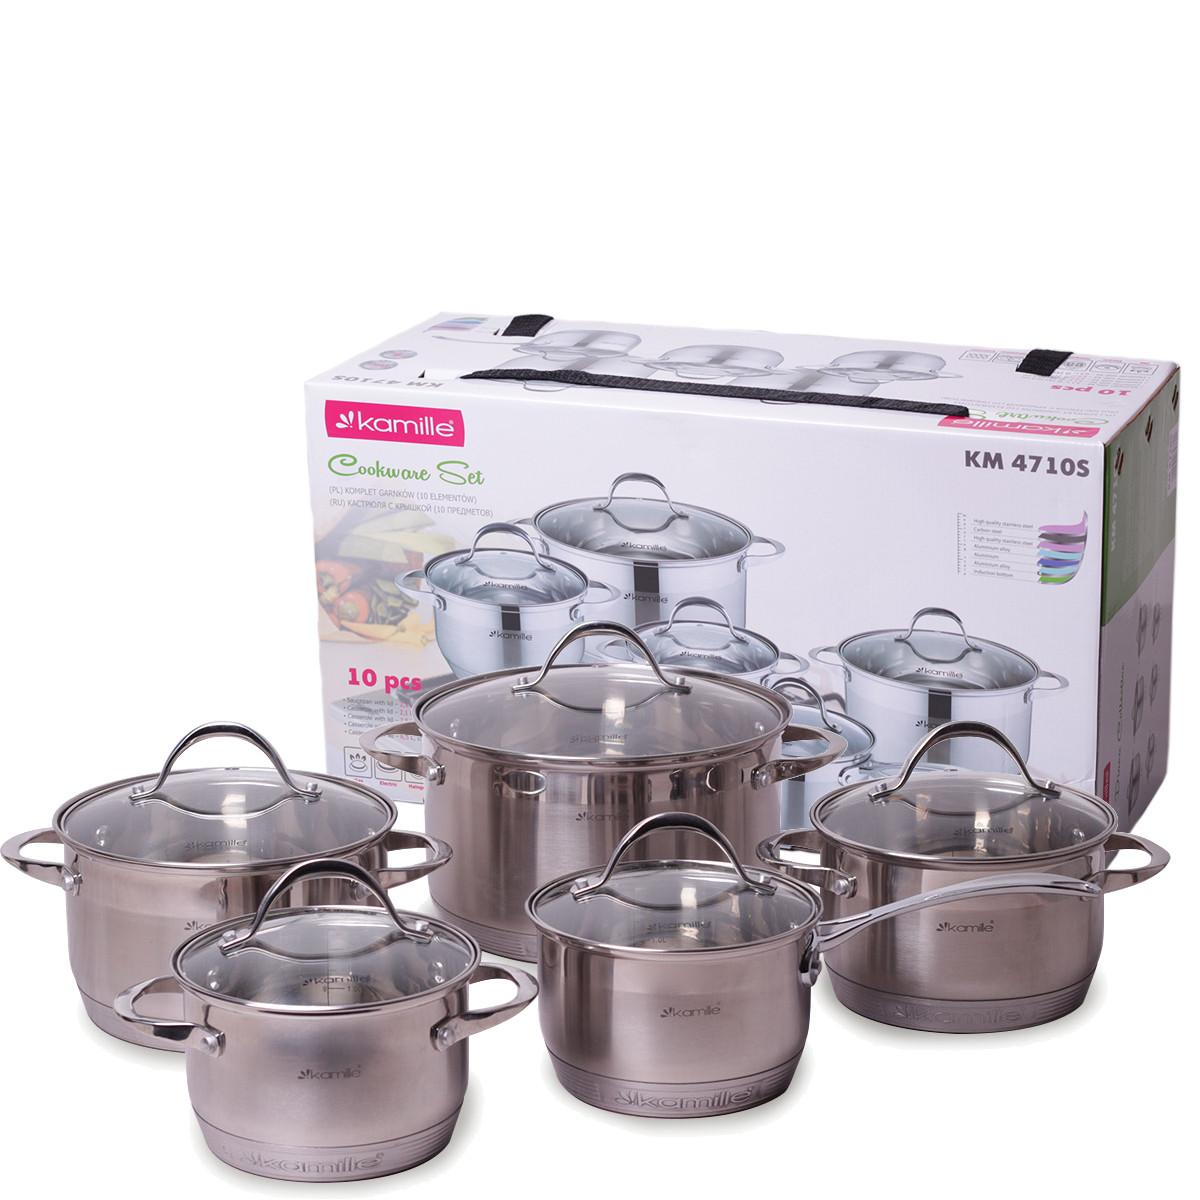 Набор посуды Kamille из нержавеющей стали 10 предметов (1.8л, 2.3л, 3.3л, 5.5л) KM-4710S